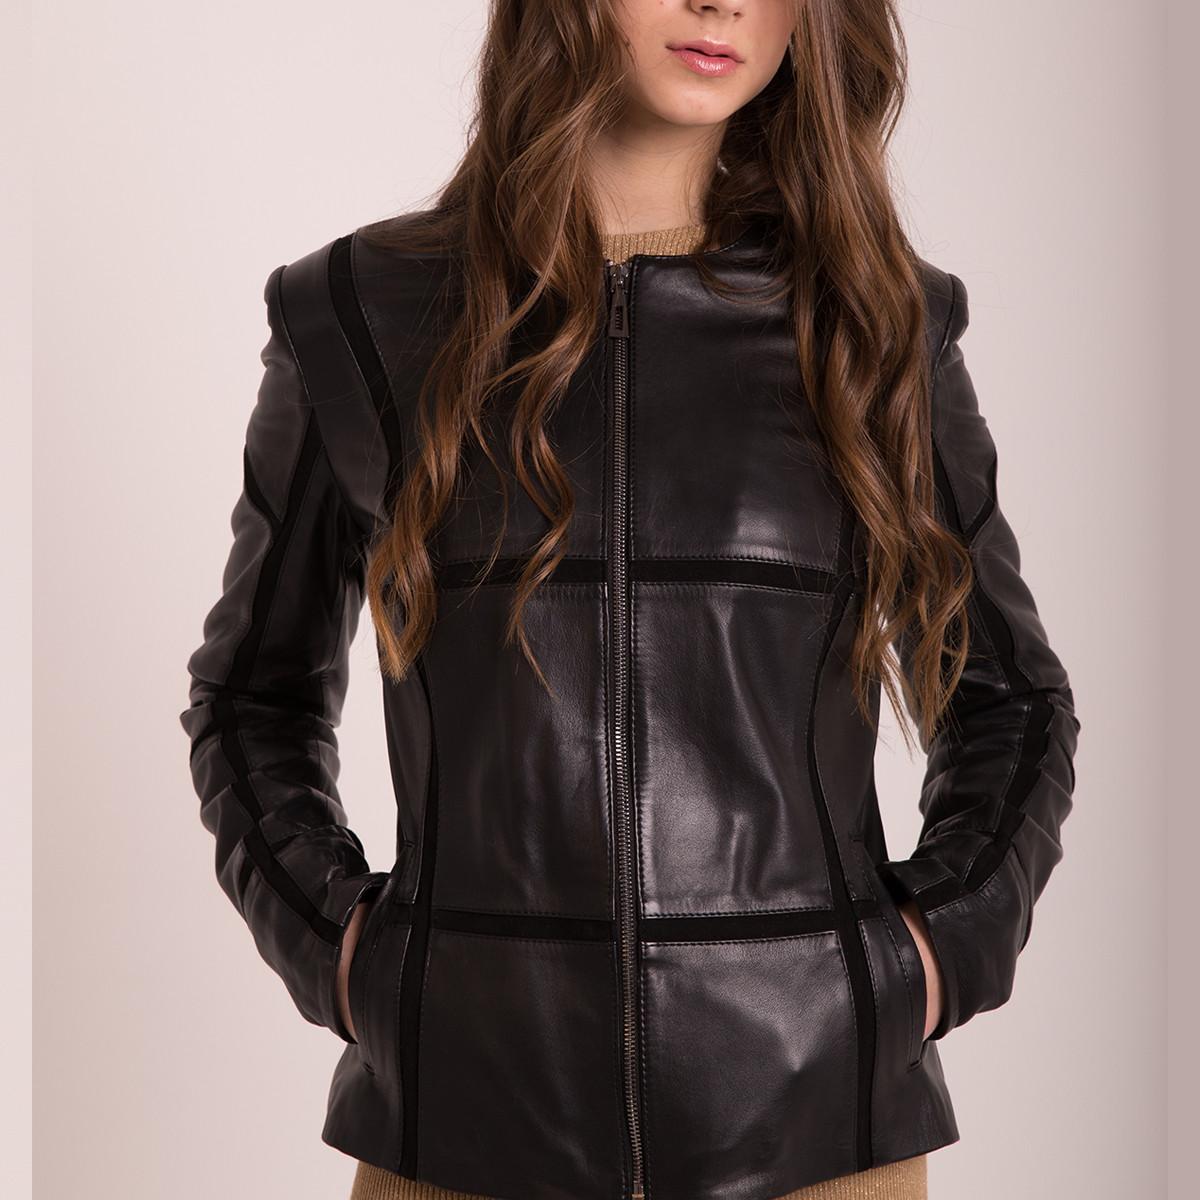 Кожаная куртка весна черная женская (Арт. AMI201)